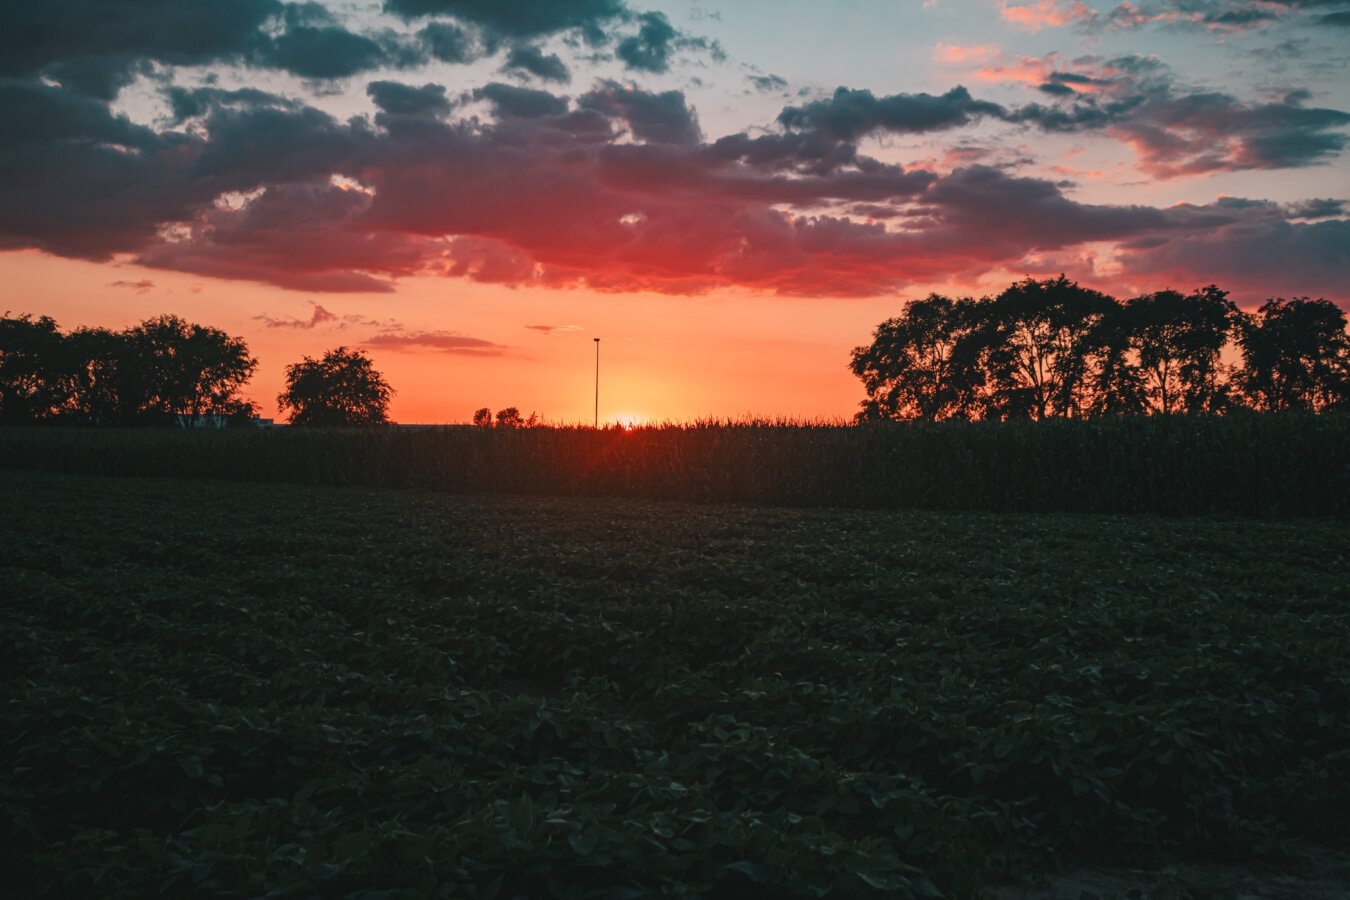 sinar matahari, matahari terbit, bidang, pertanian, ladang jagung, suasana, tenang, tenang, bintang, Fajar